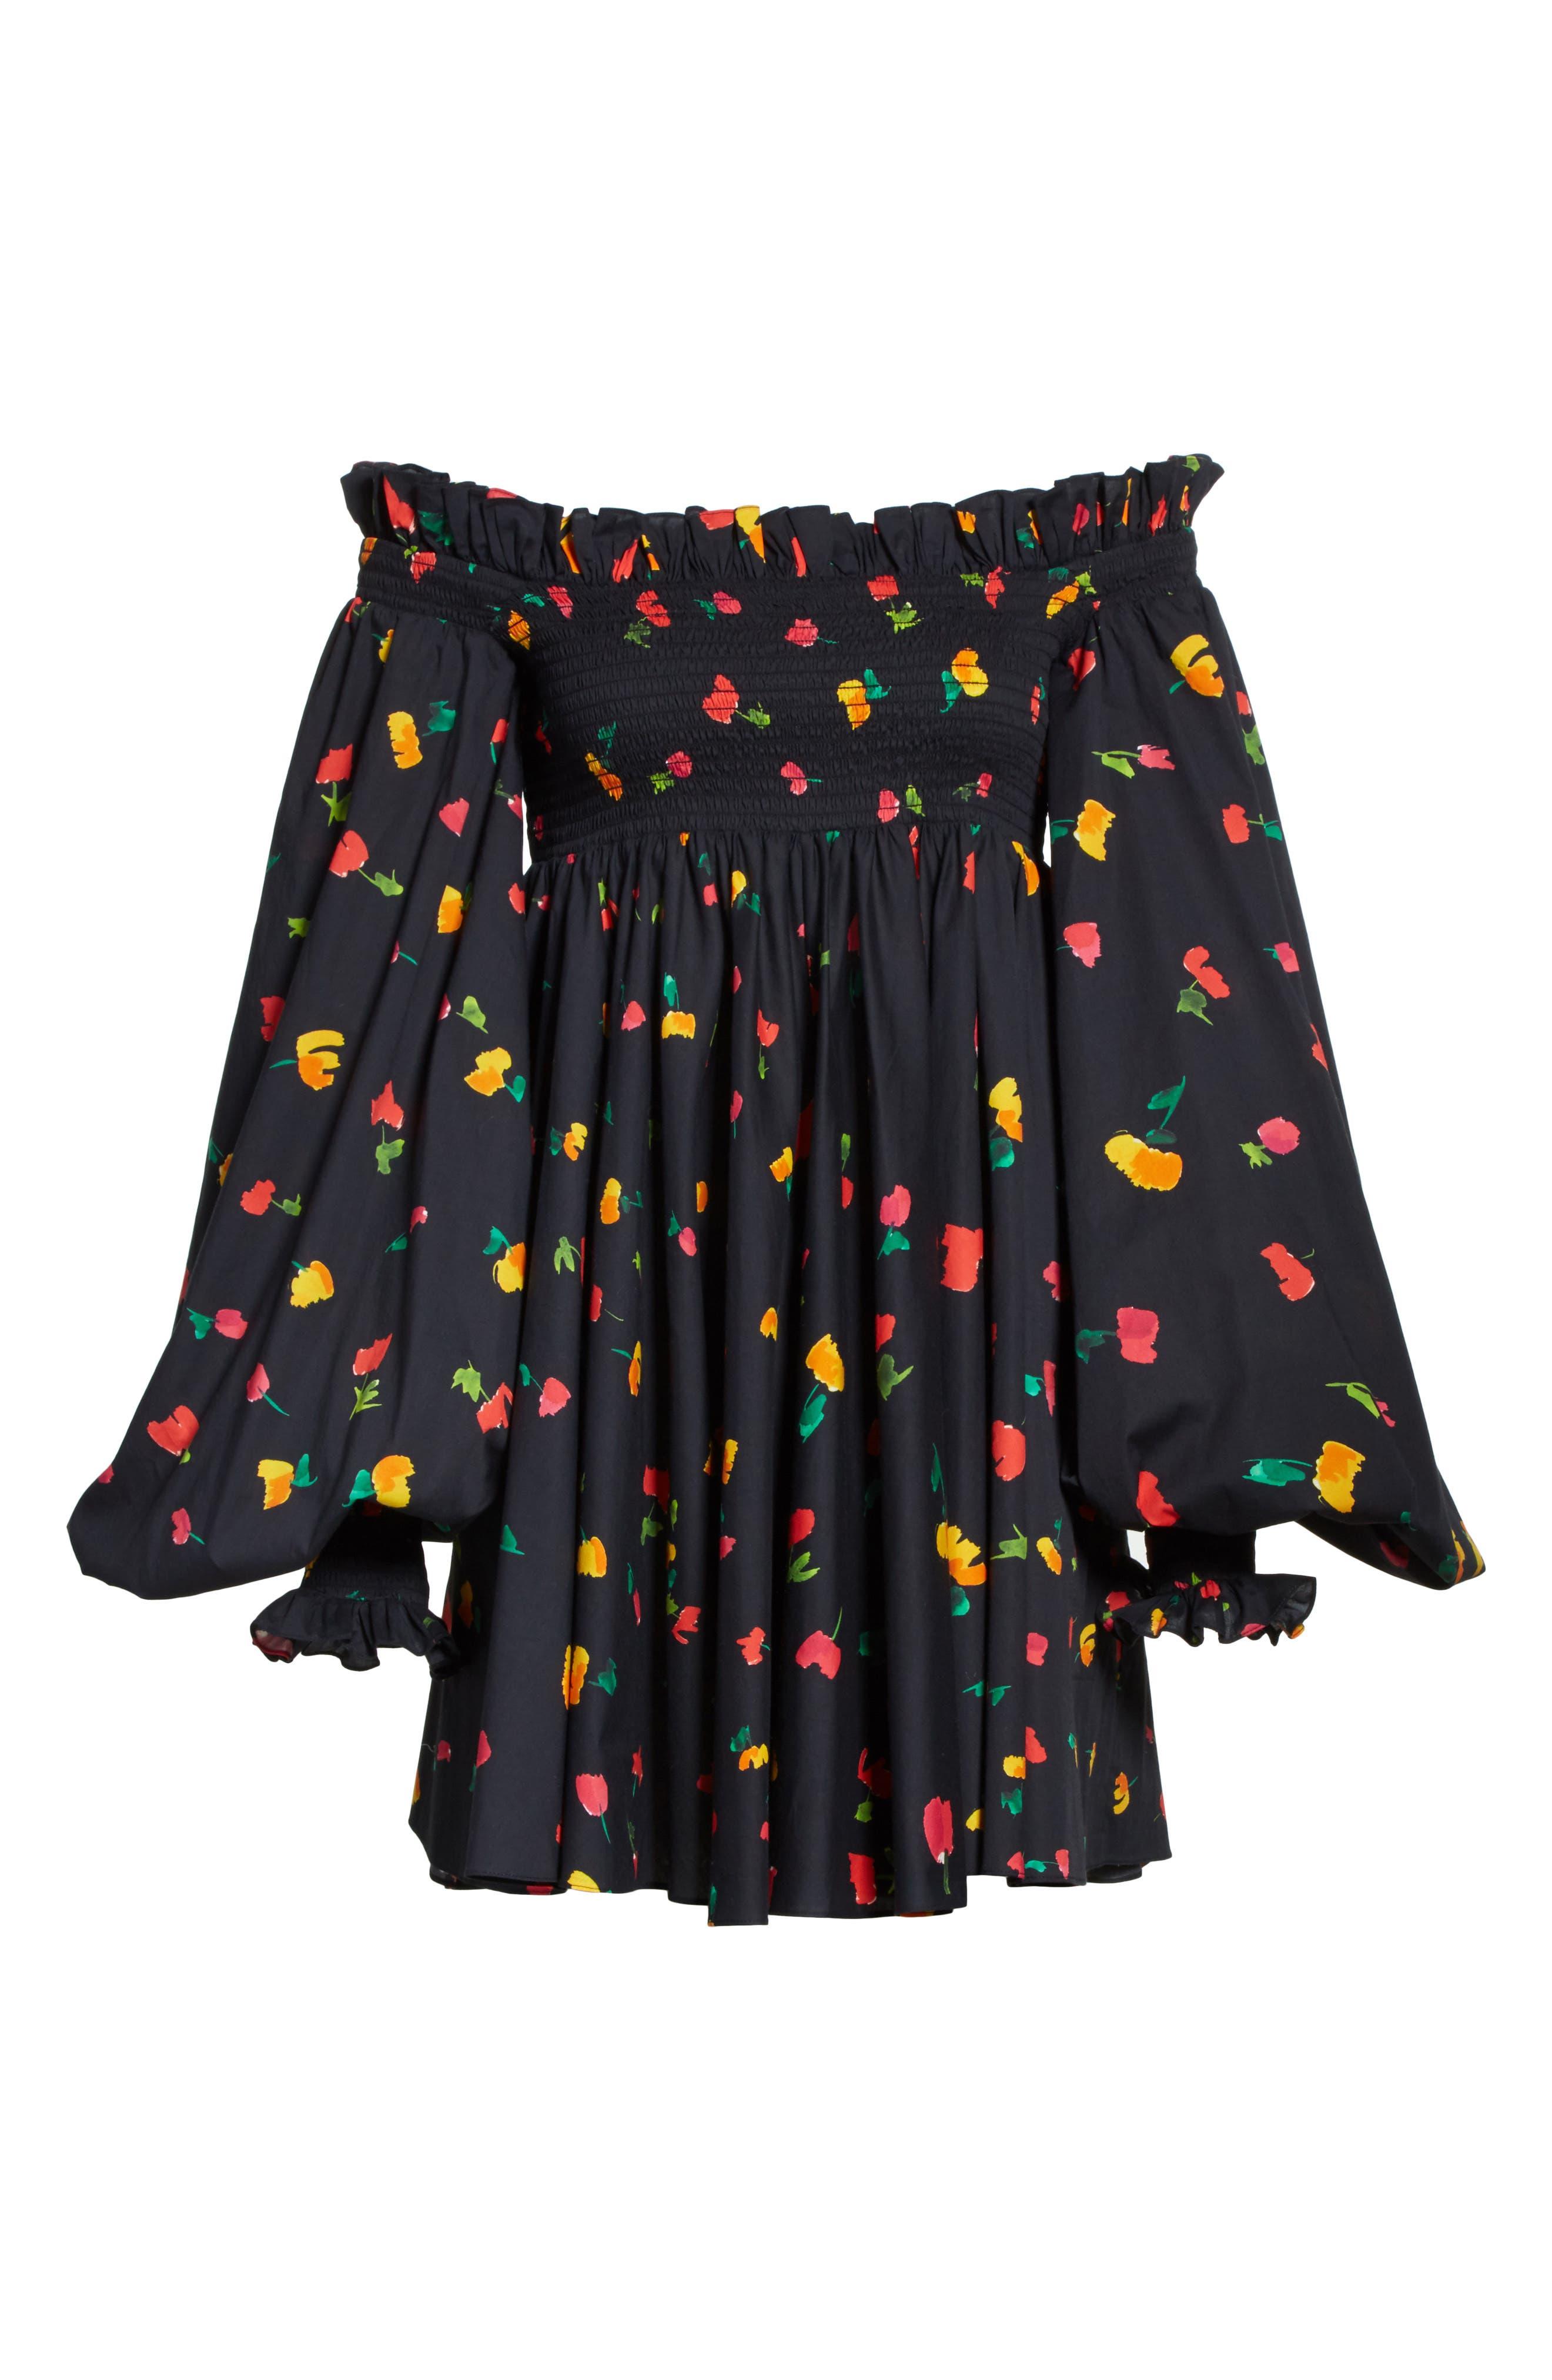 Kora Off the Shoulder Dress,                             Alternate thumbnail 6, color,                             Black